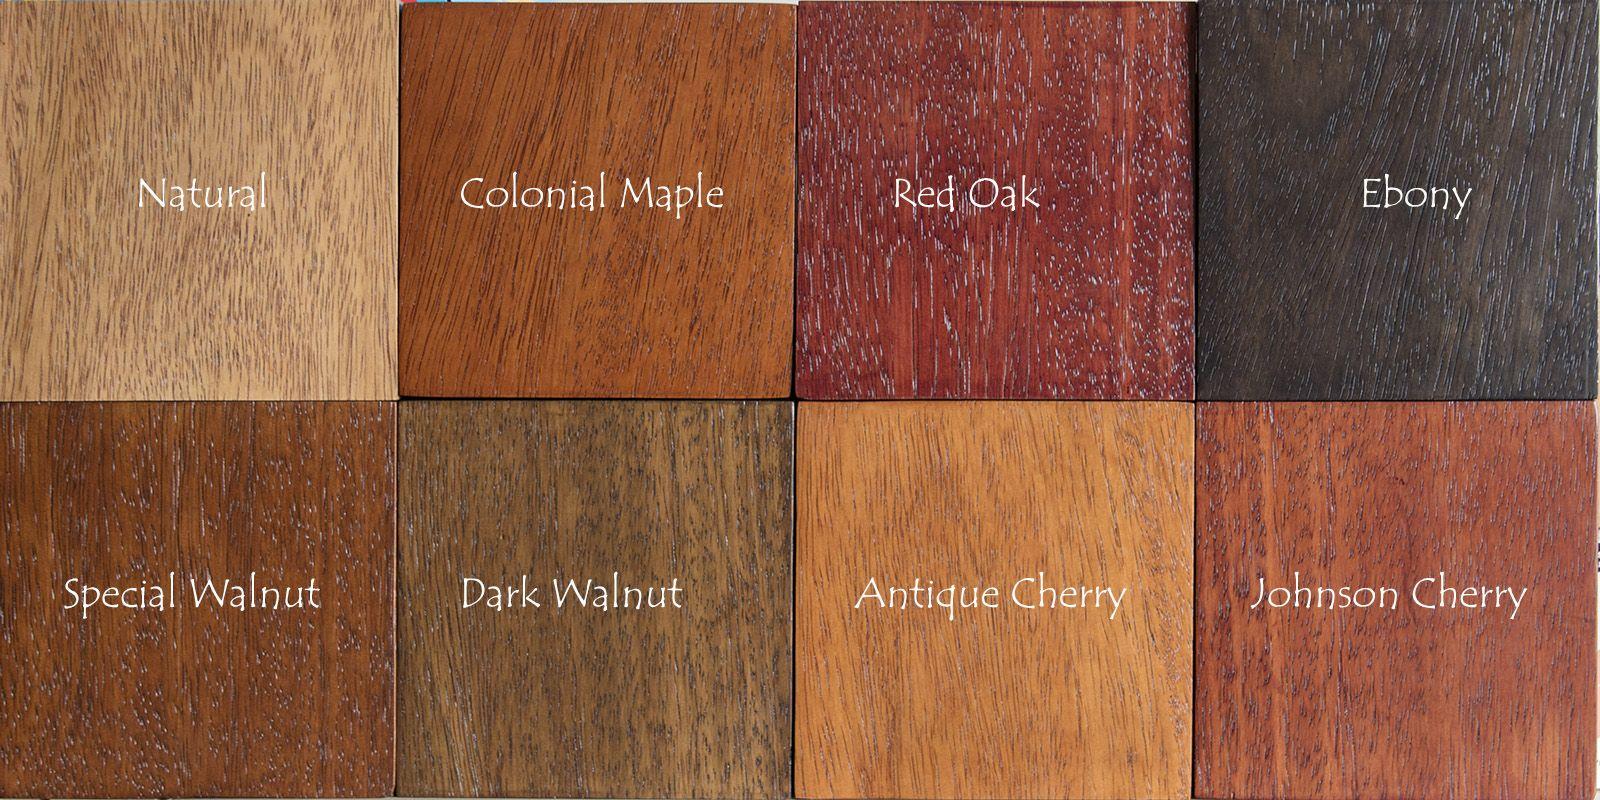 Brazilian Mahogany Stain Samples Wood Doors Staining Wood Mahogany Stain